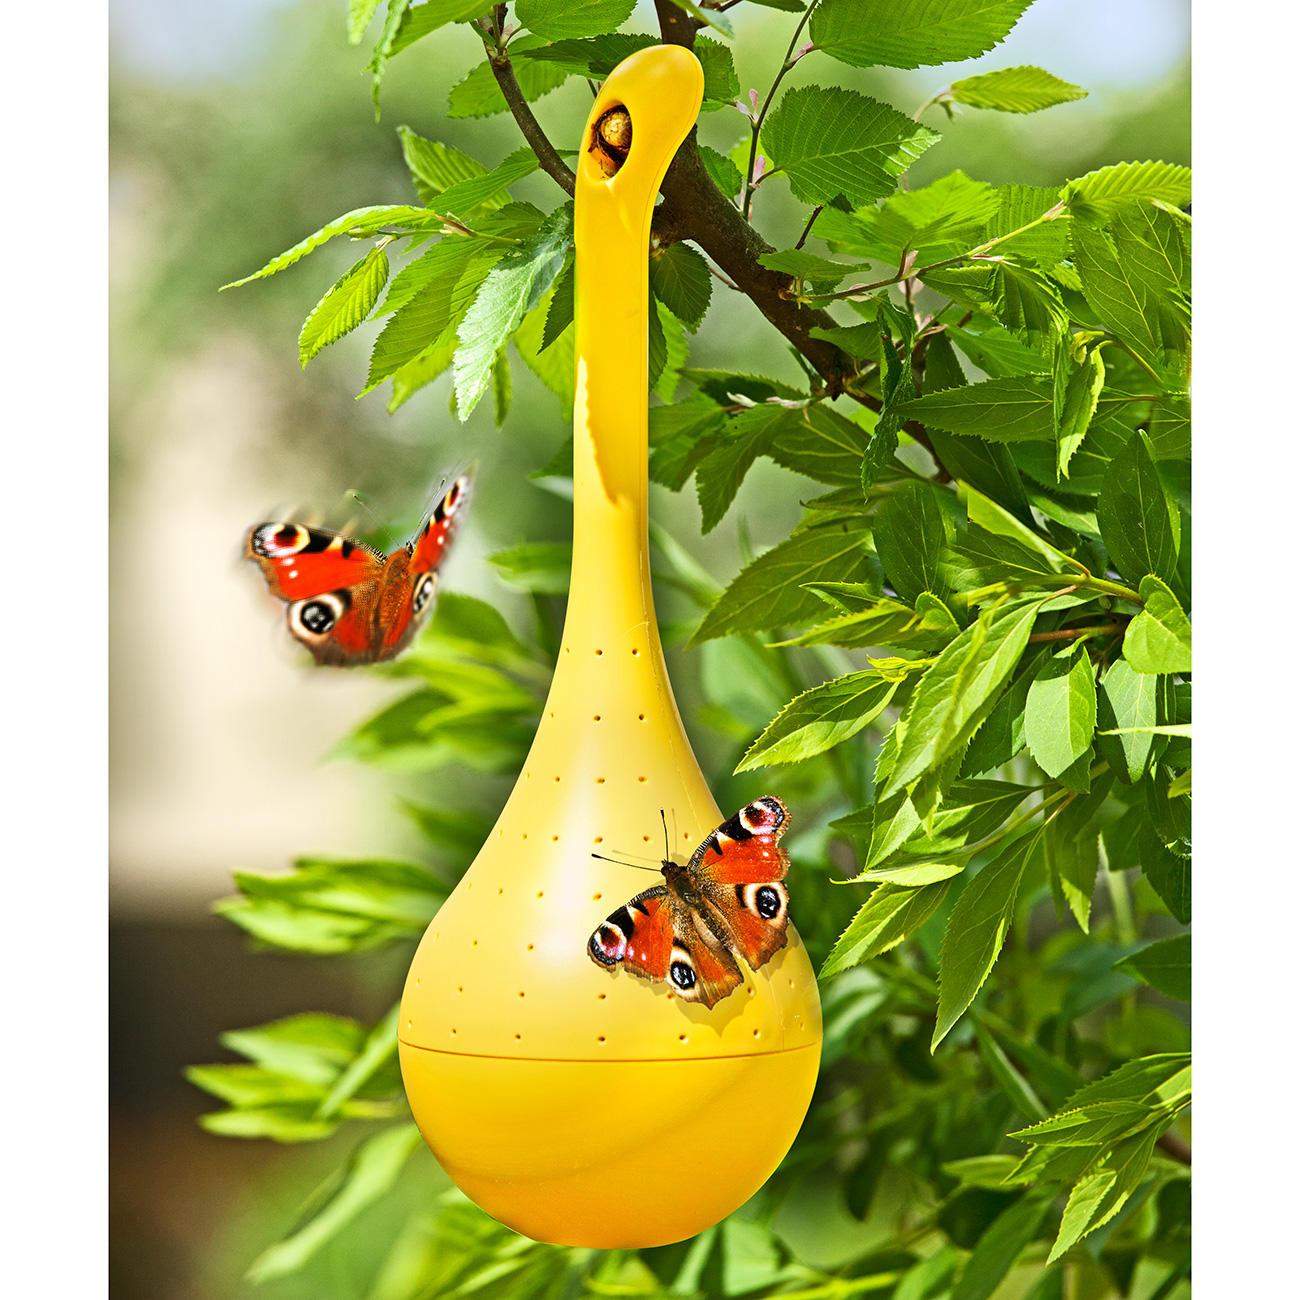 Schmetterlings Oase 3 Jahre Garantie Pro Idee